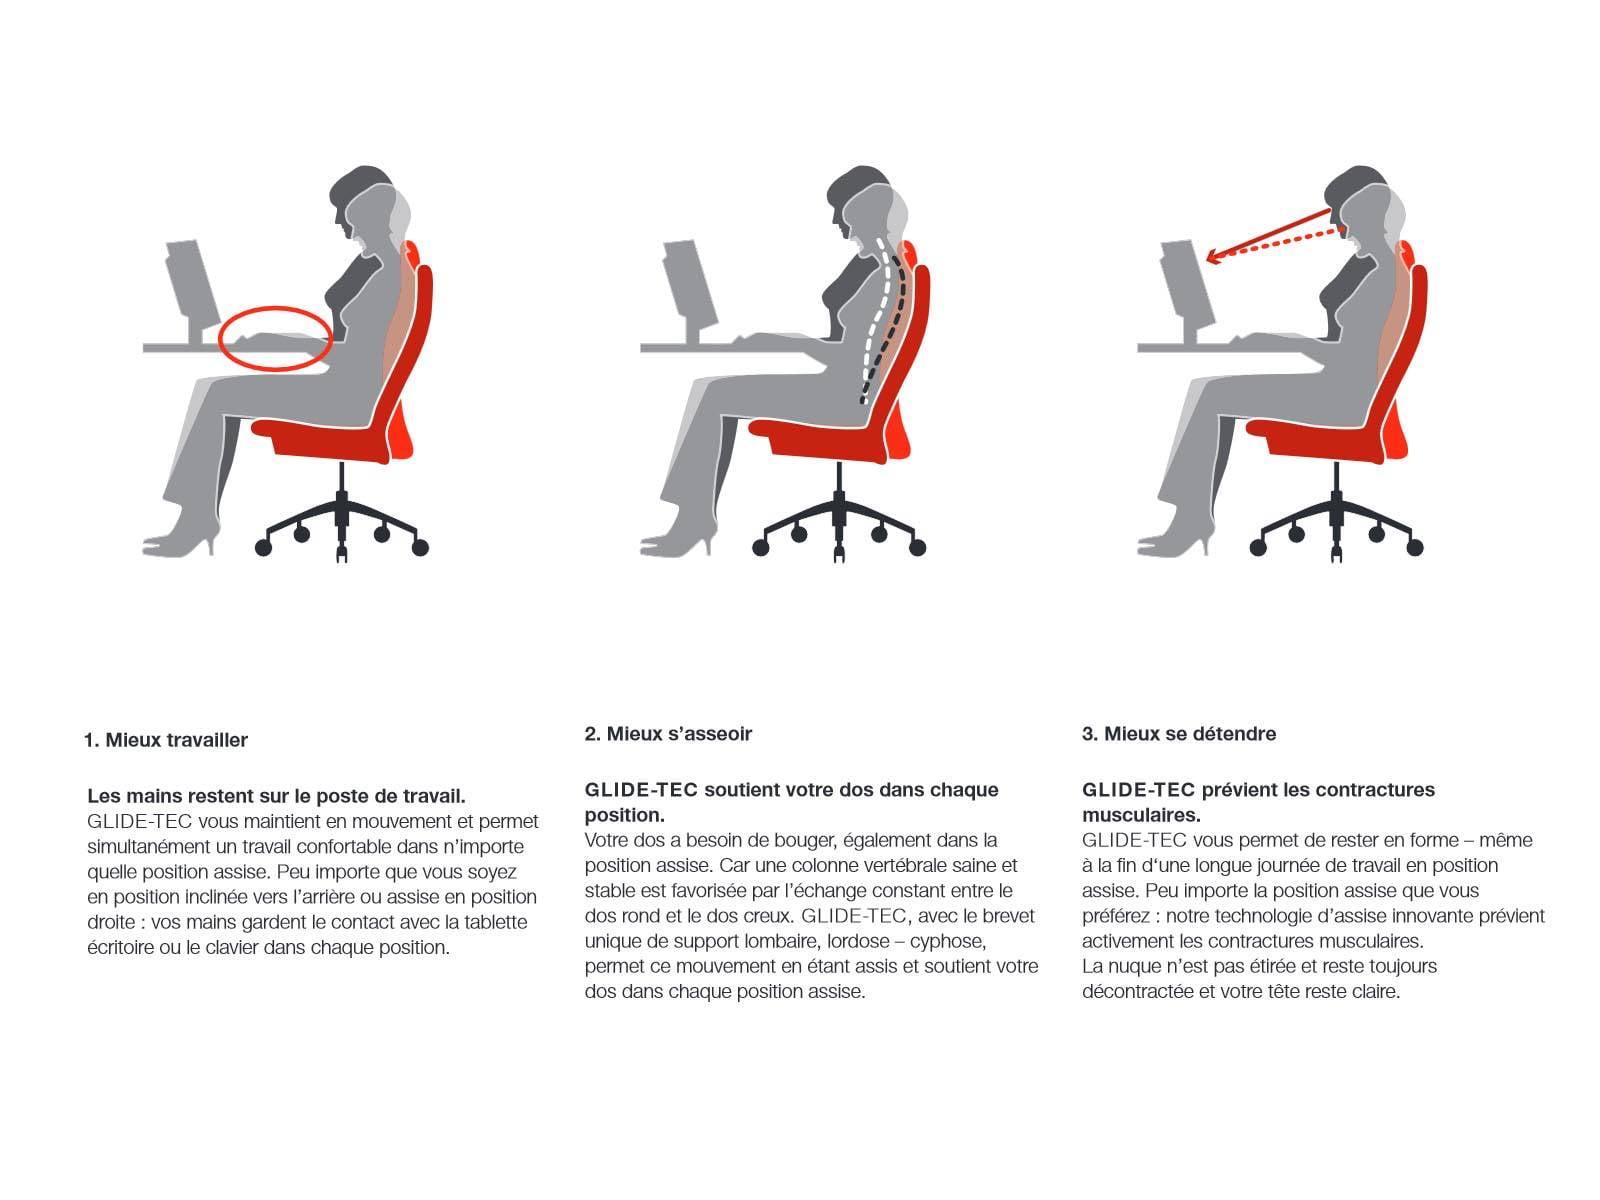 Explication du mécanisme GLIDE TECH des fauteuil de direction haut de gamme